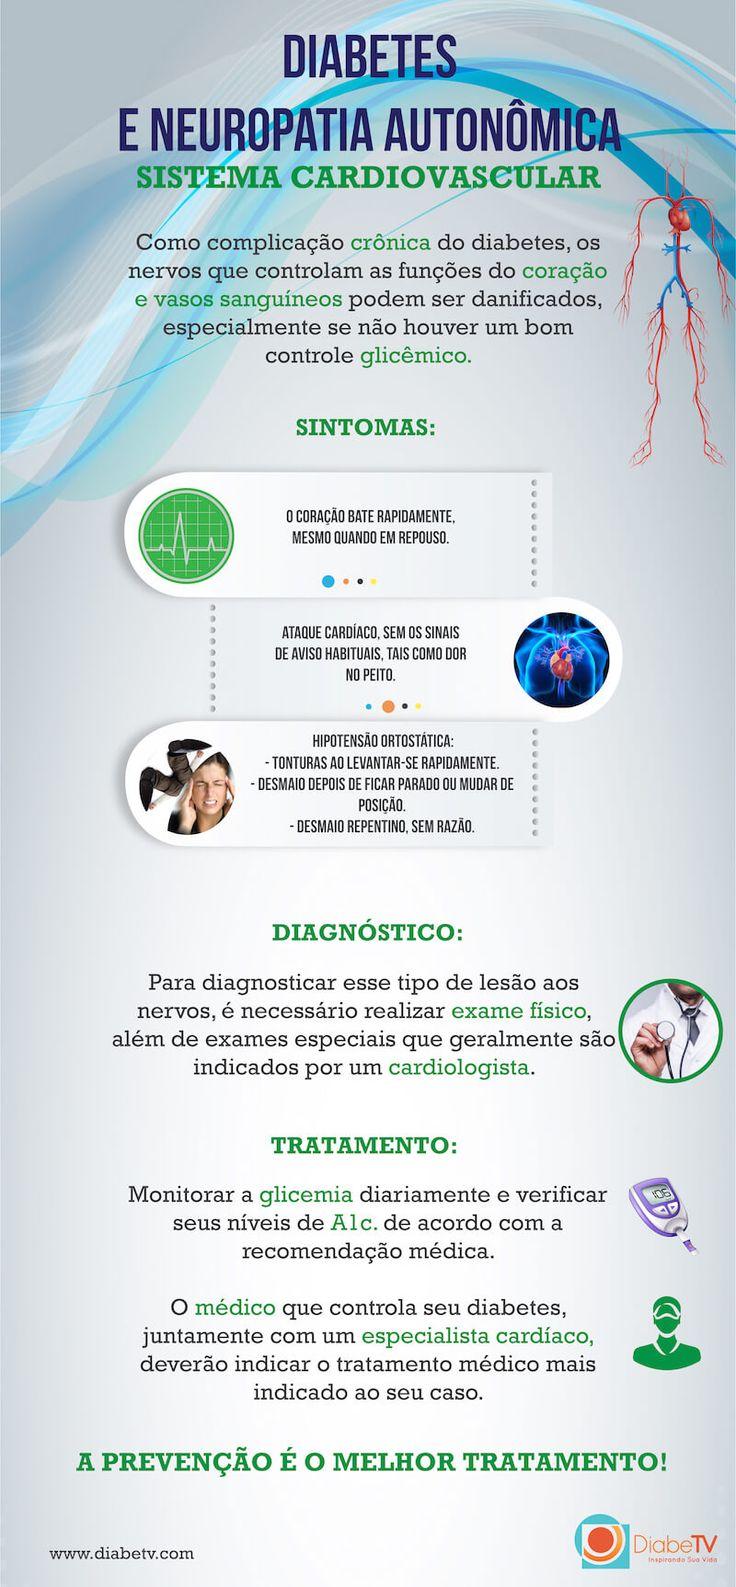 Neuropatia Diabética e o Sistema Cardiovascular